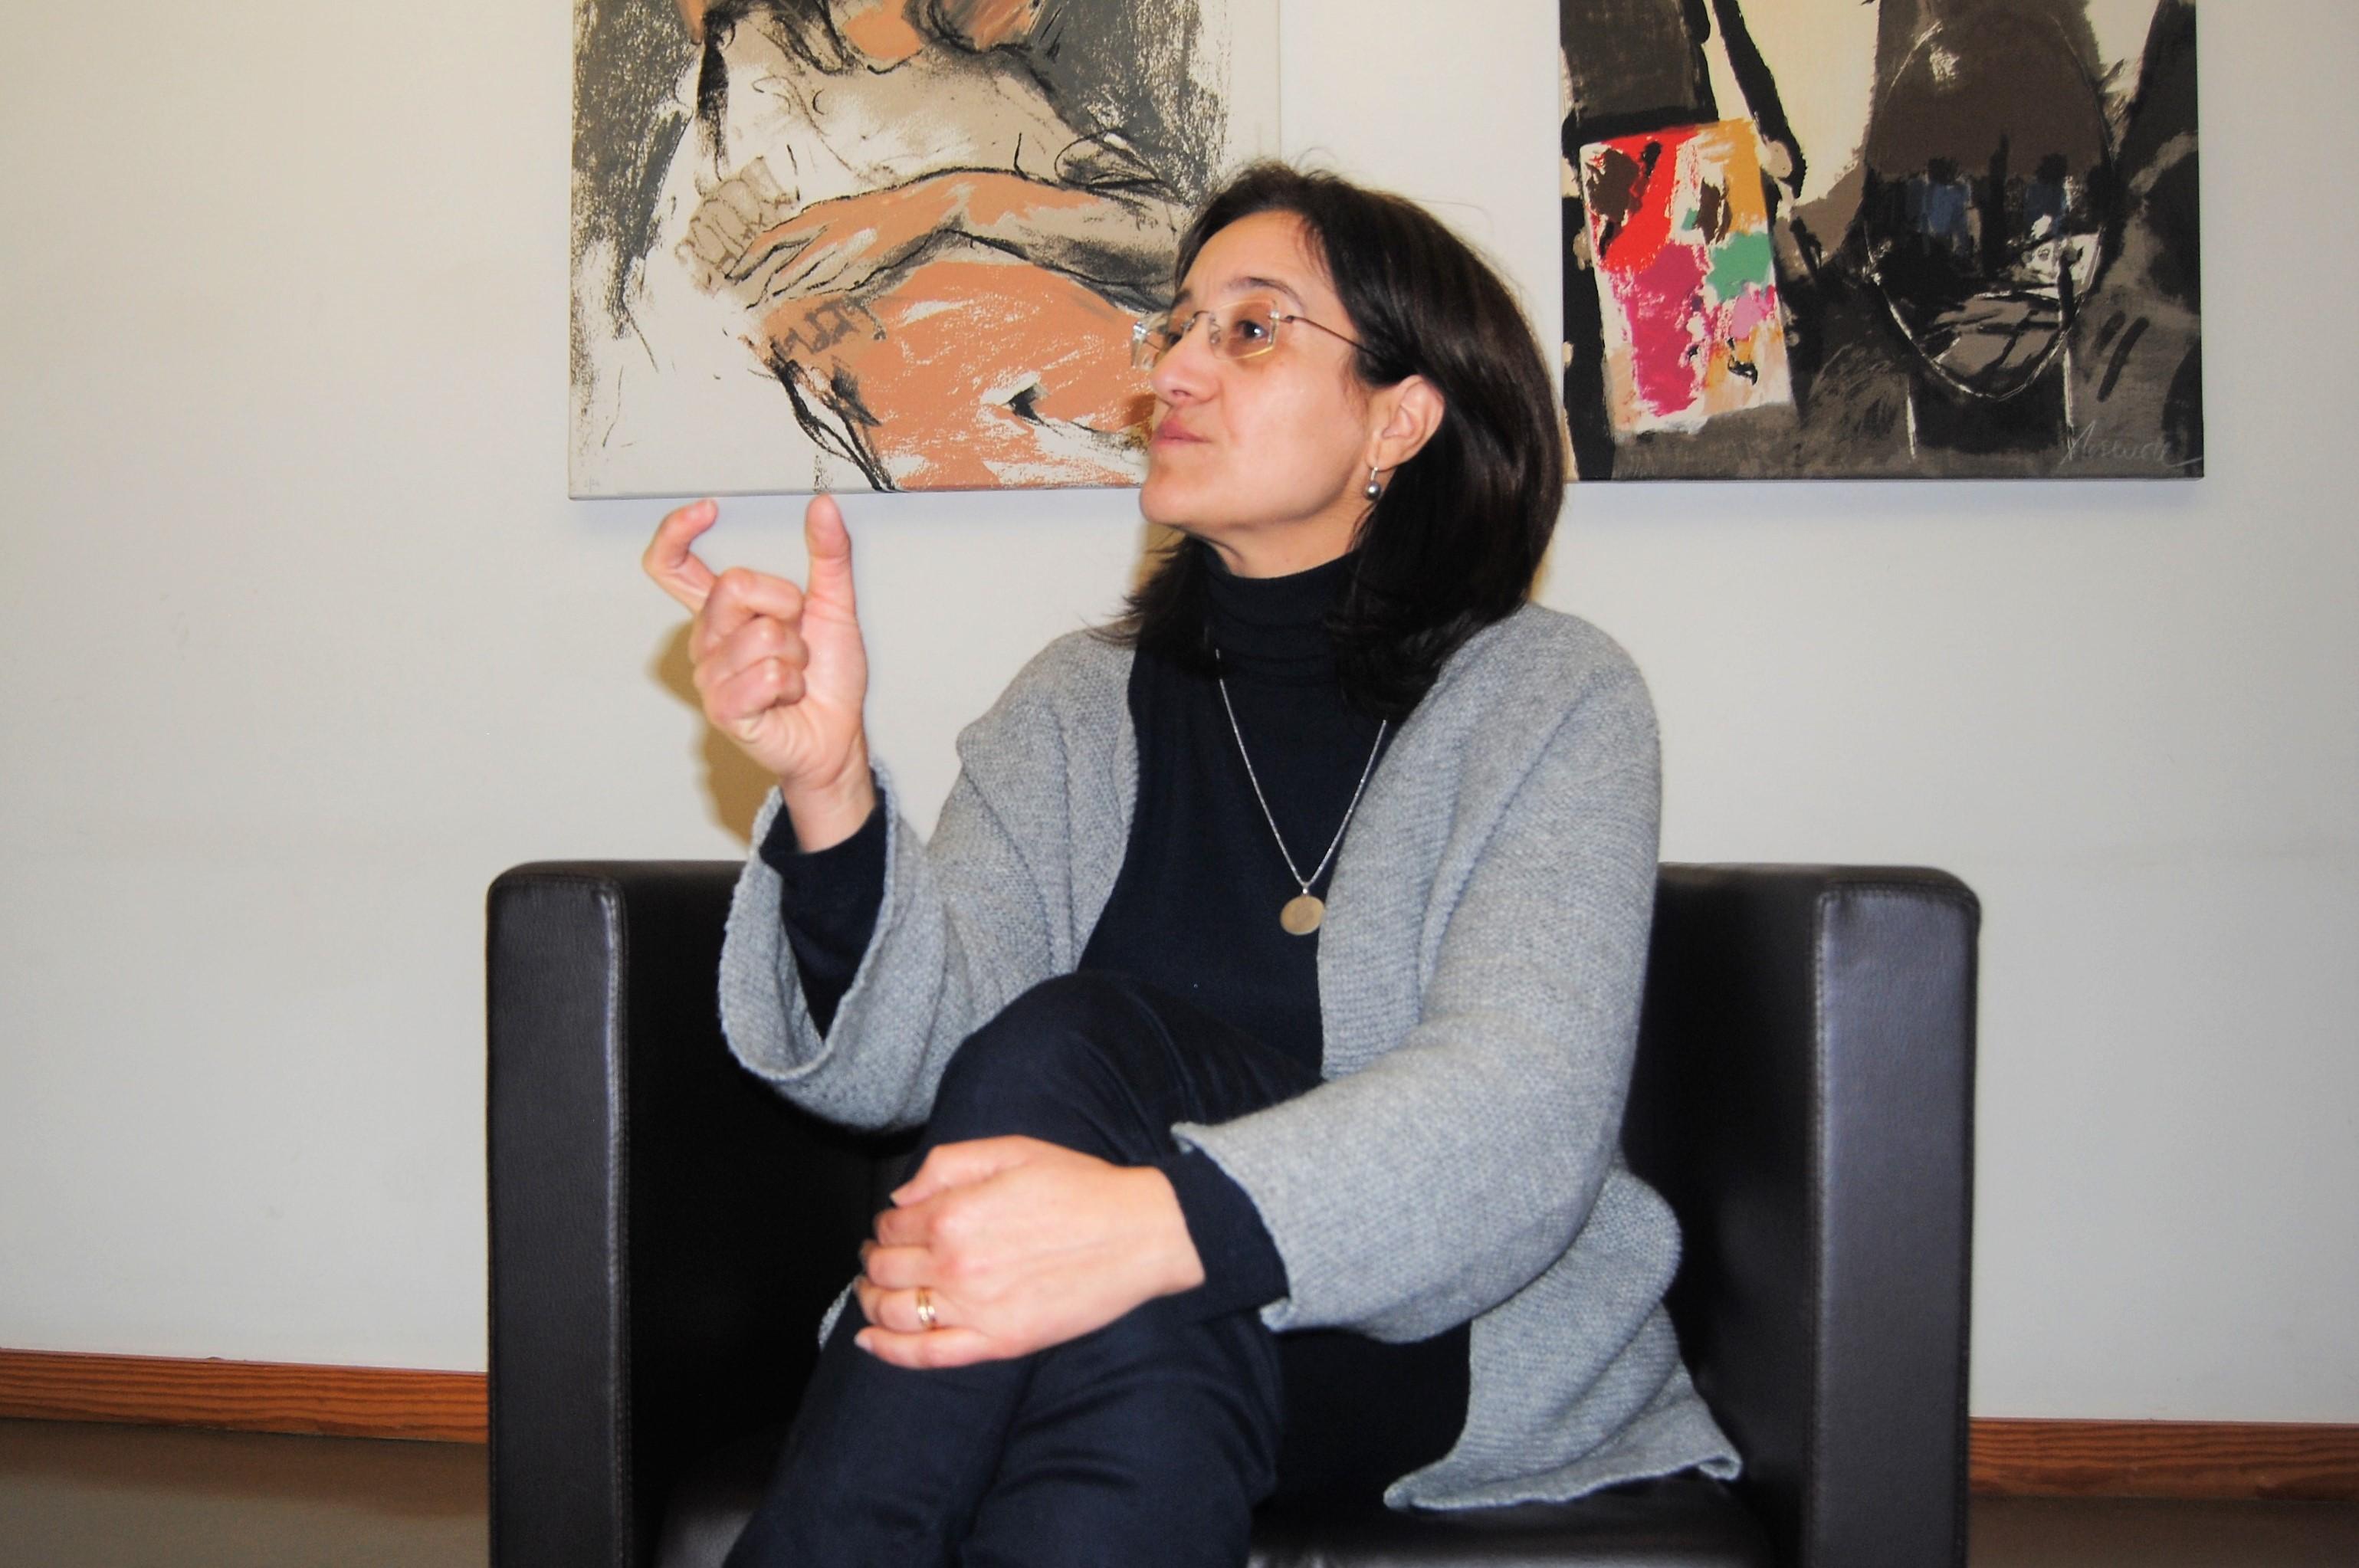 Graça Silva é psicóloga clínica no serviço da FPCEUP há 20 anos e dá consultas a jovens, adultos e idosos.